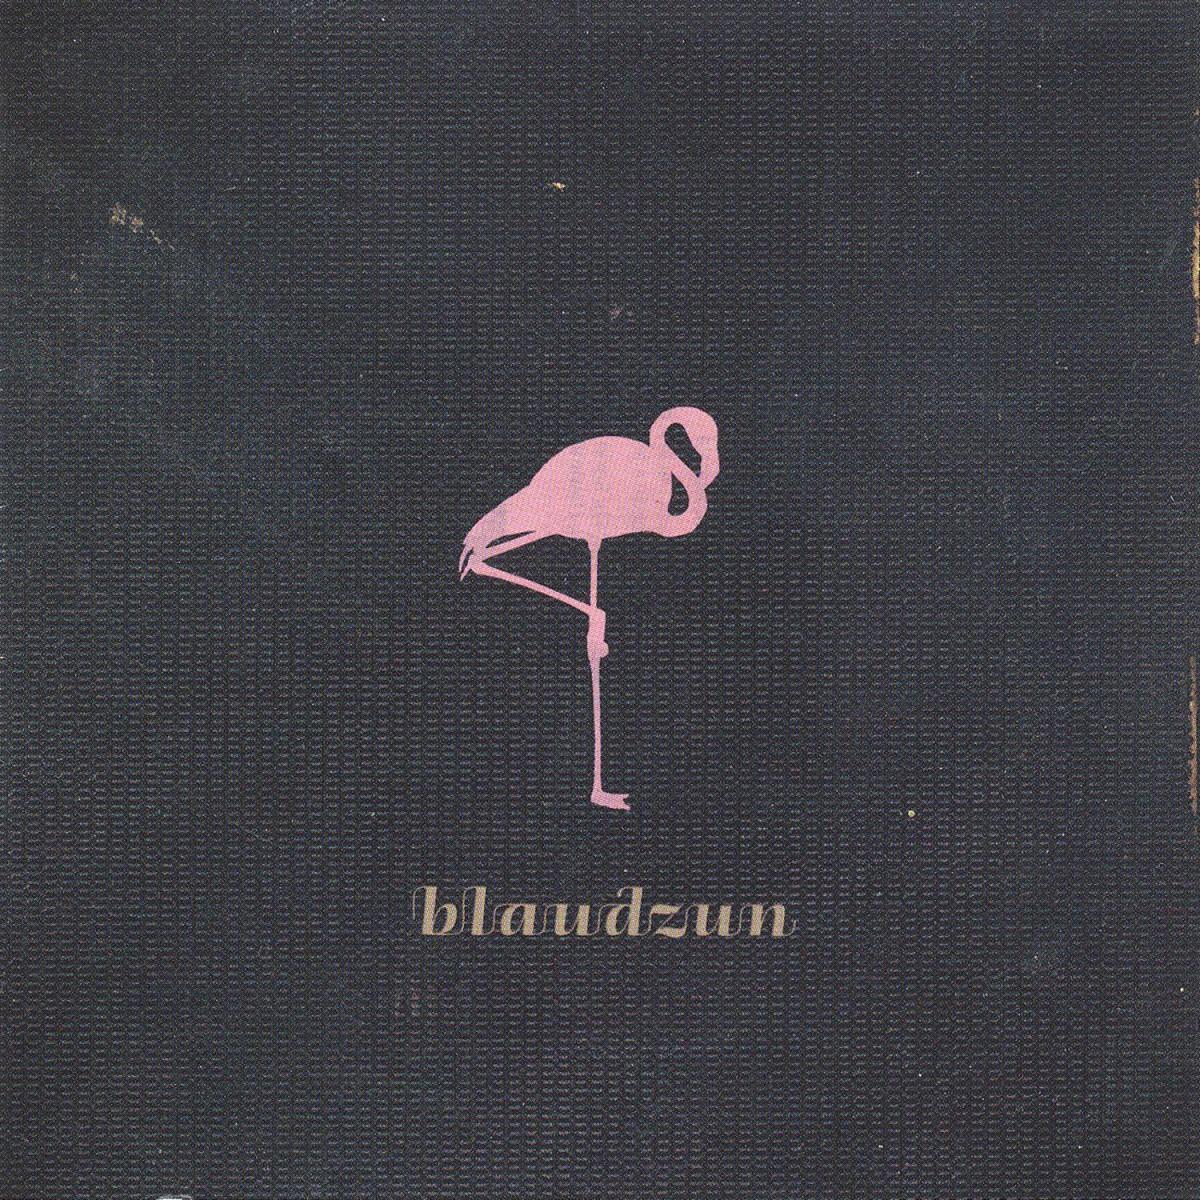 Blaudzun: Blaudzun (2008)